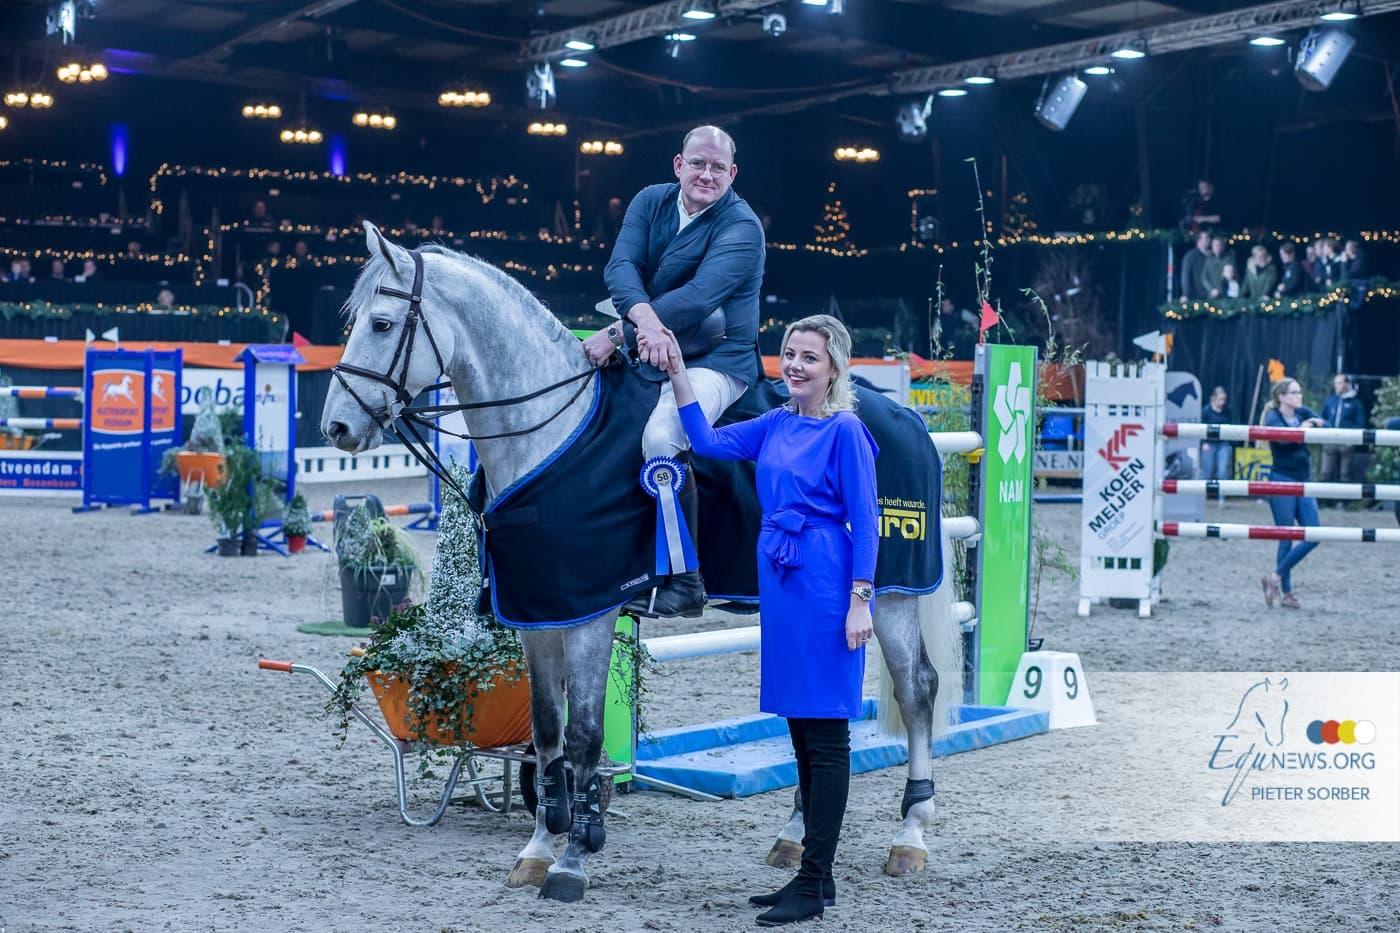 Zoer op kop van podium in oranje bij IICH Groningen